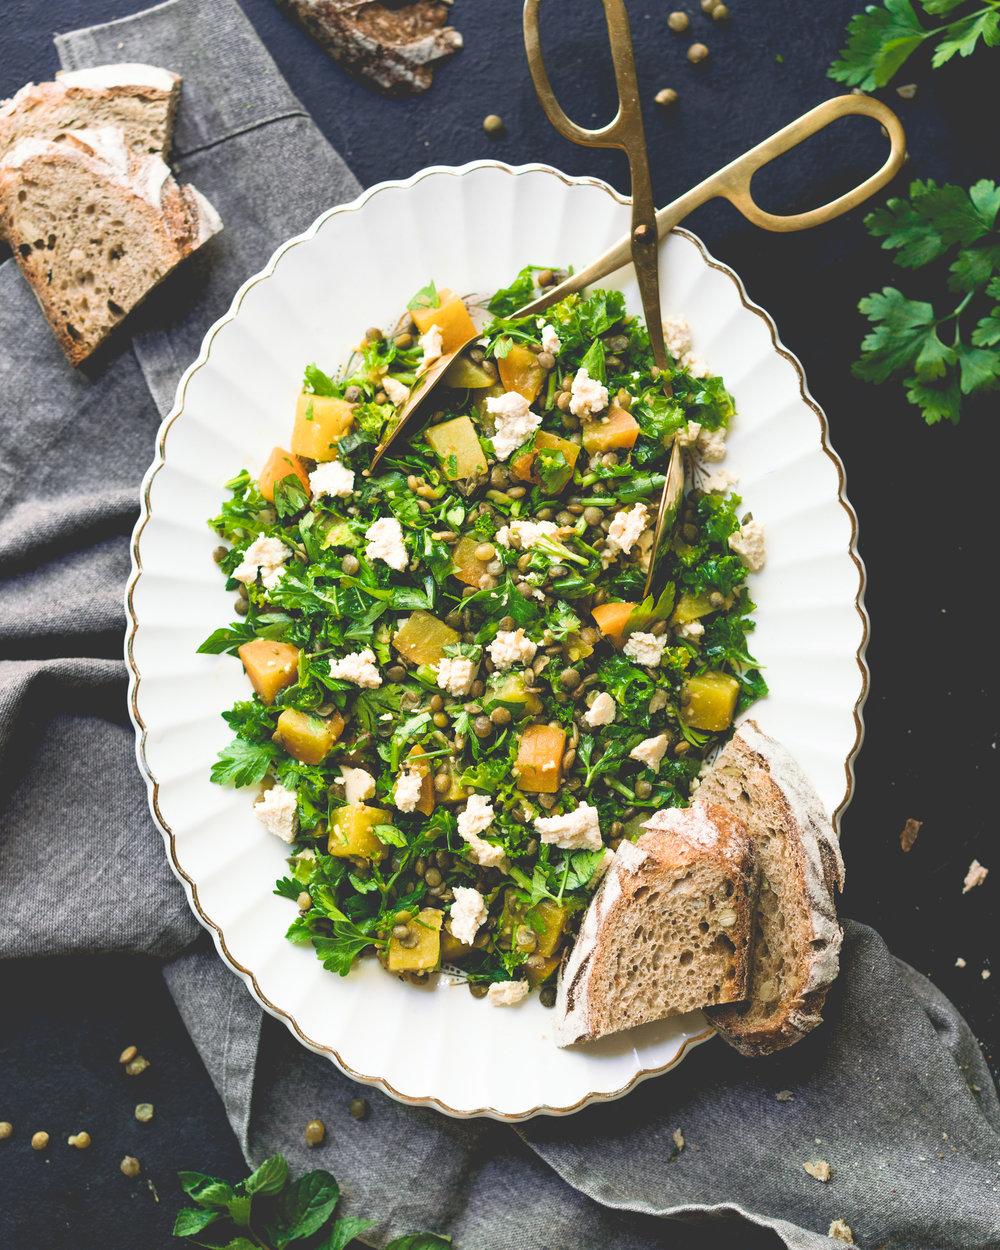 Salade betterave, lentilles et persil - 2-4 portions